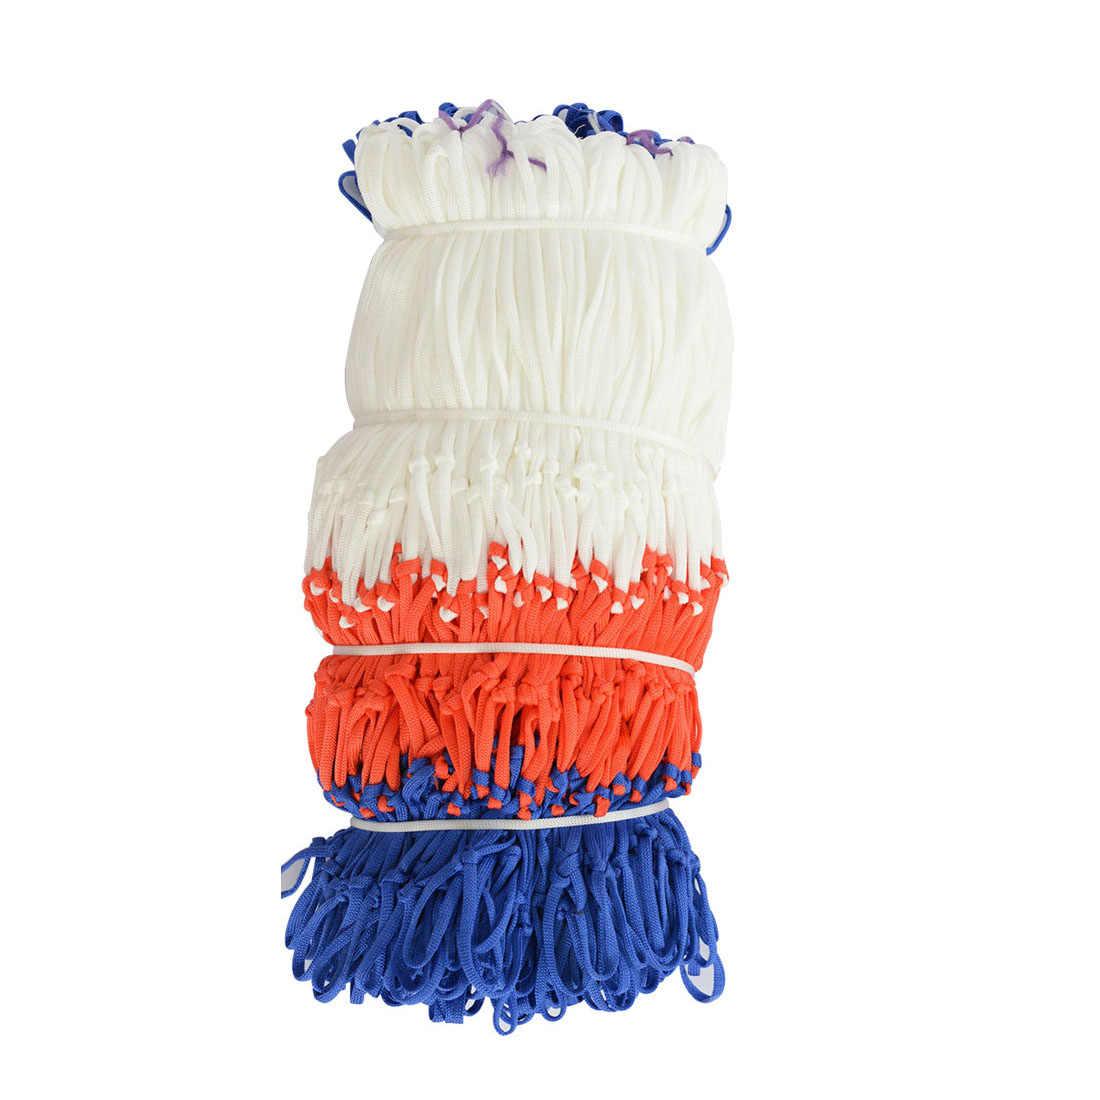 Стандартный нейлоновой нити Спорт баскетбольное кольцо сеточку обод щита мяч насос 12 петли белый красные, синие 3 цвета чистый футбол